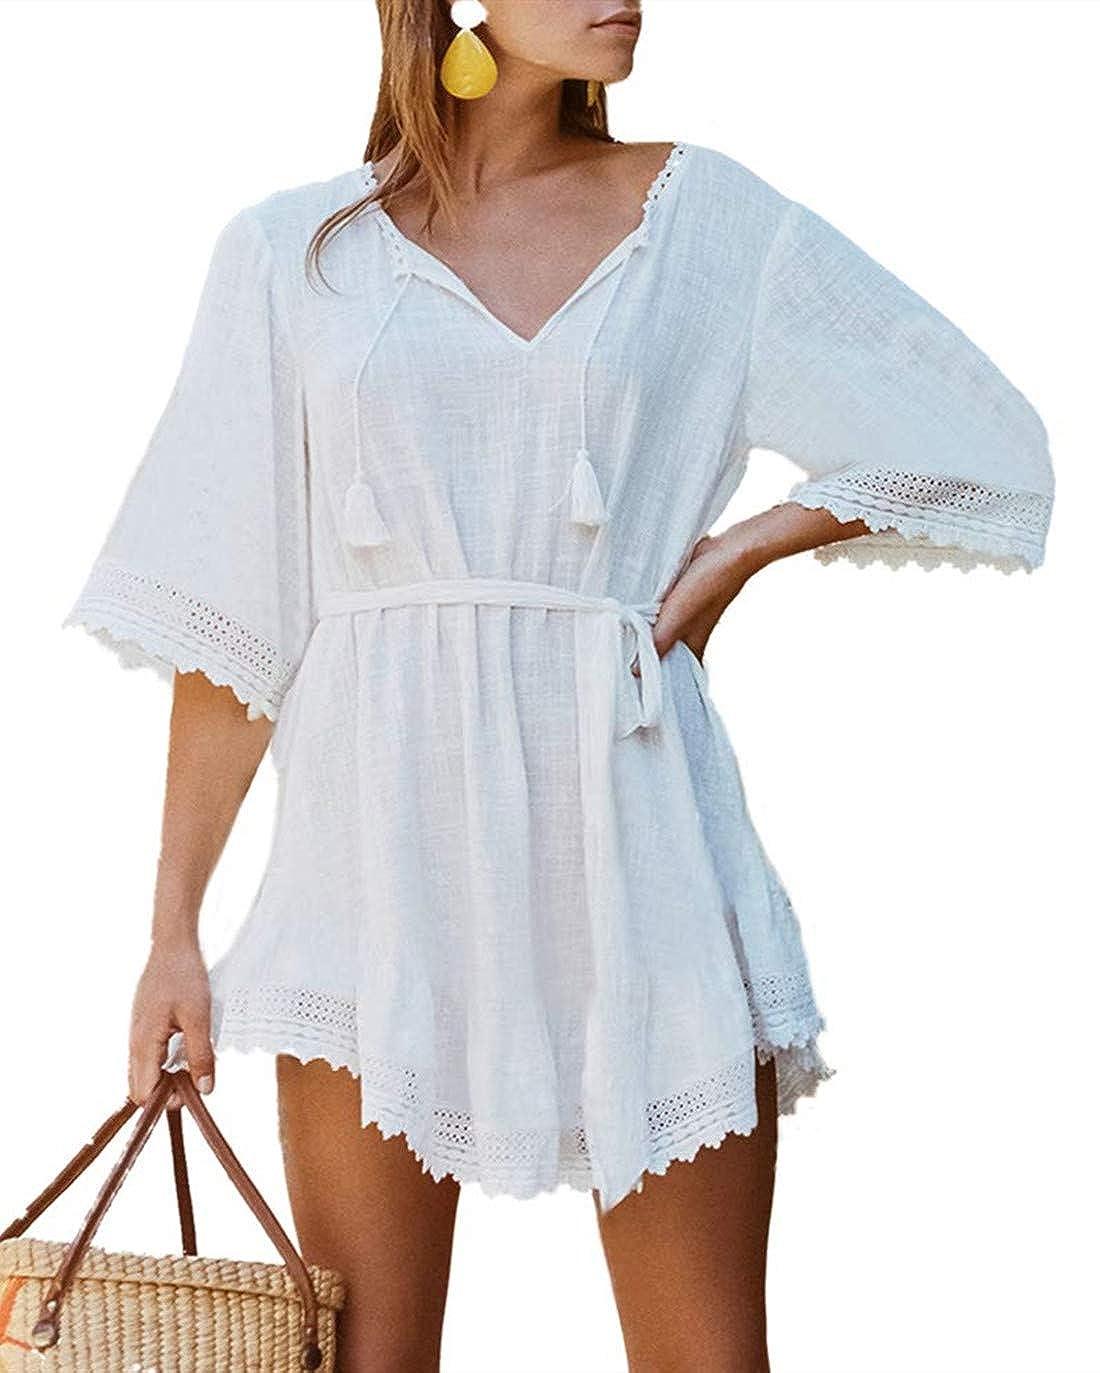 PANAX ERGEOB Damen Baumwolle Spitze Strand Bikini Kittel Strandkleid weiß